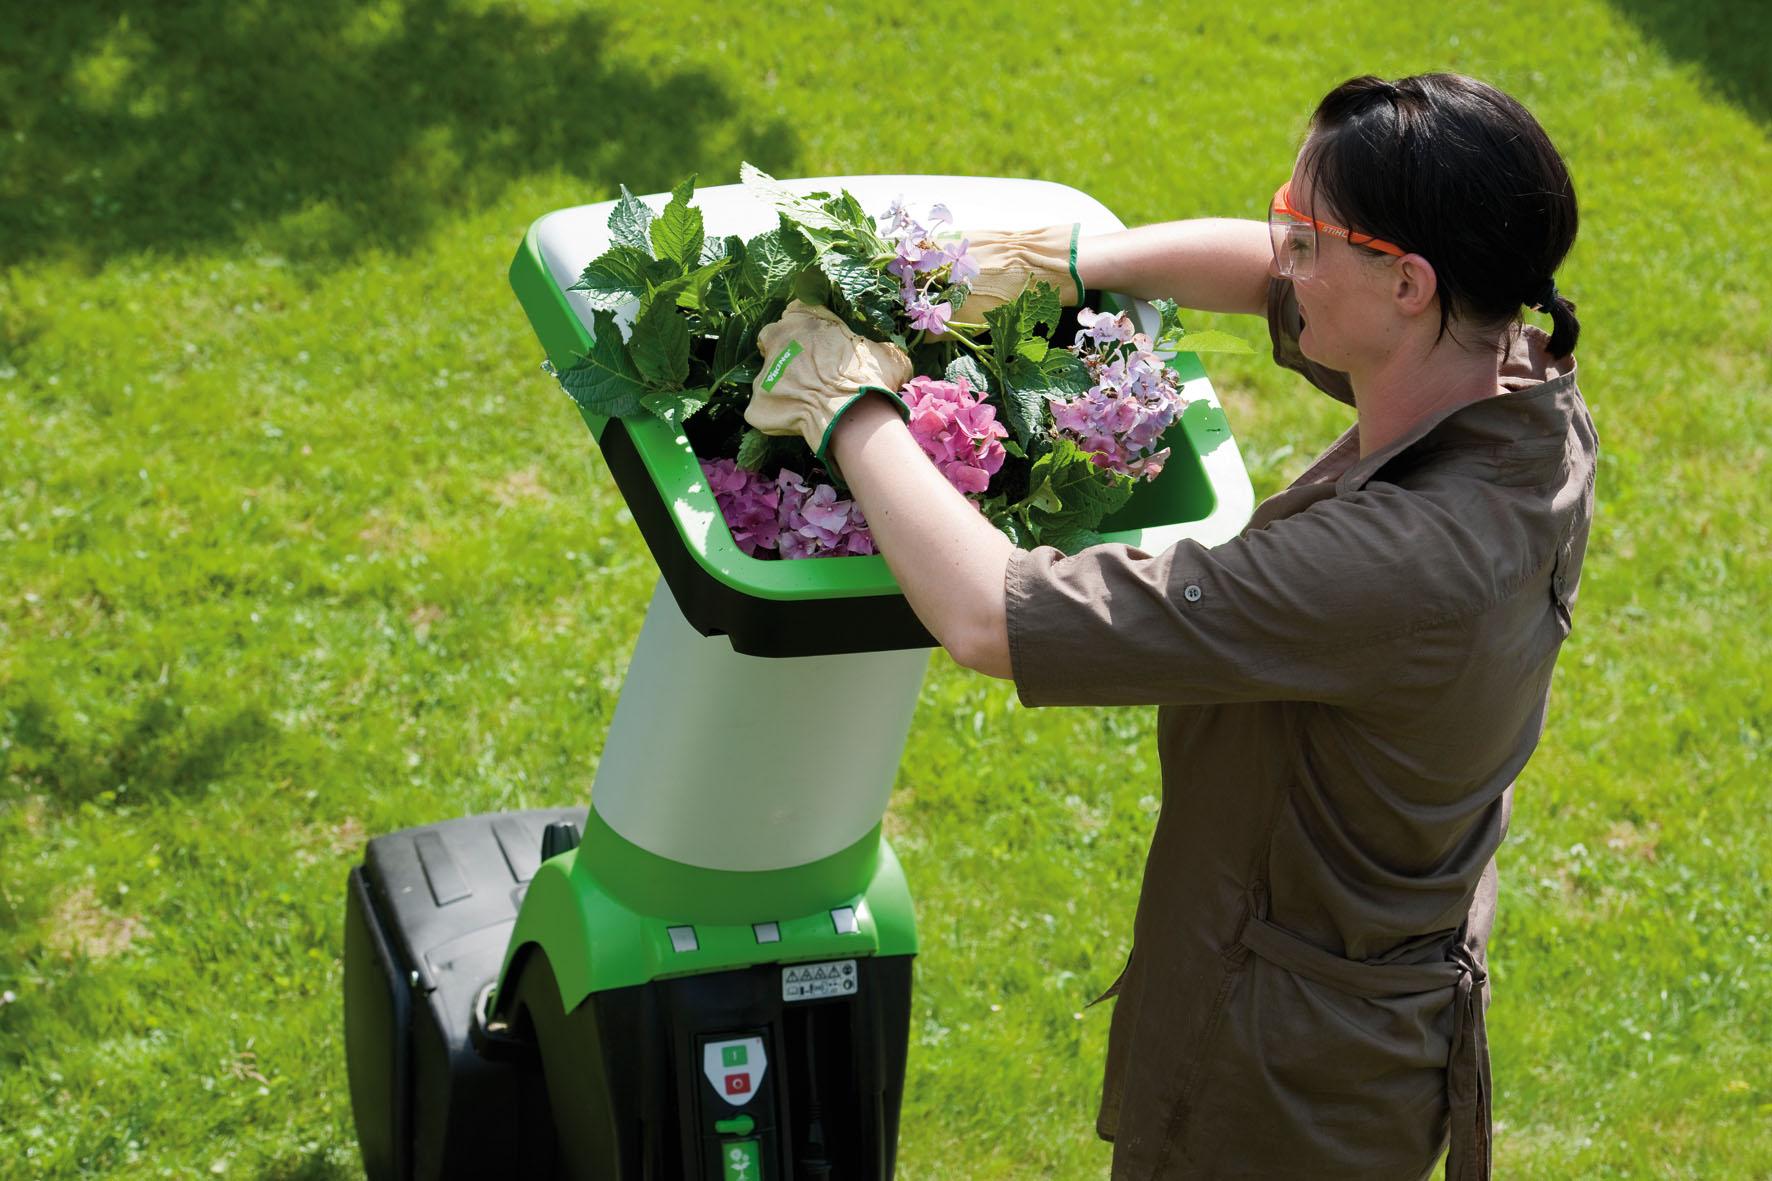 Измельчитель для садового мусора своими руками